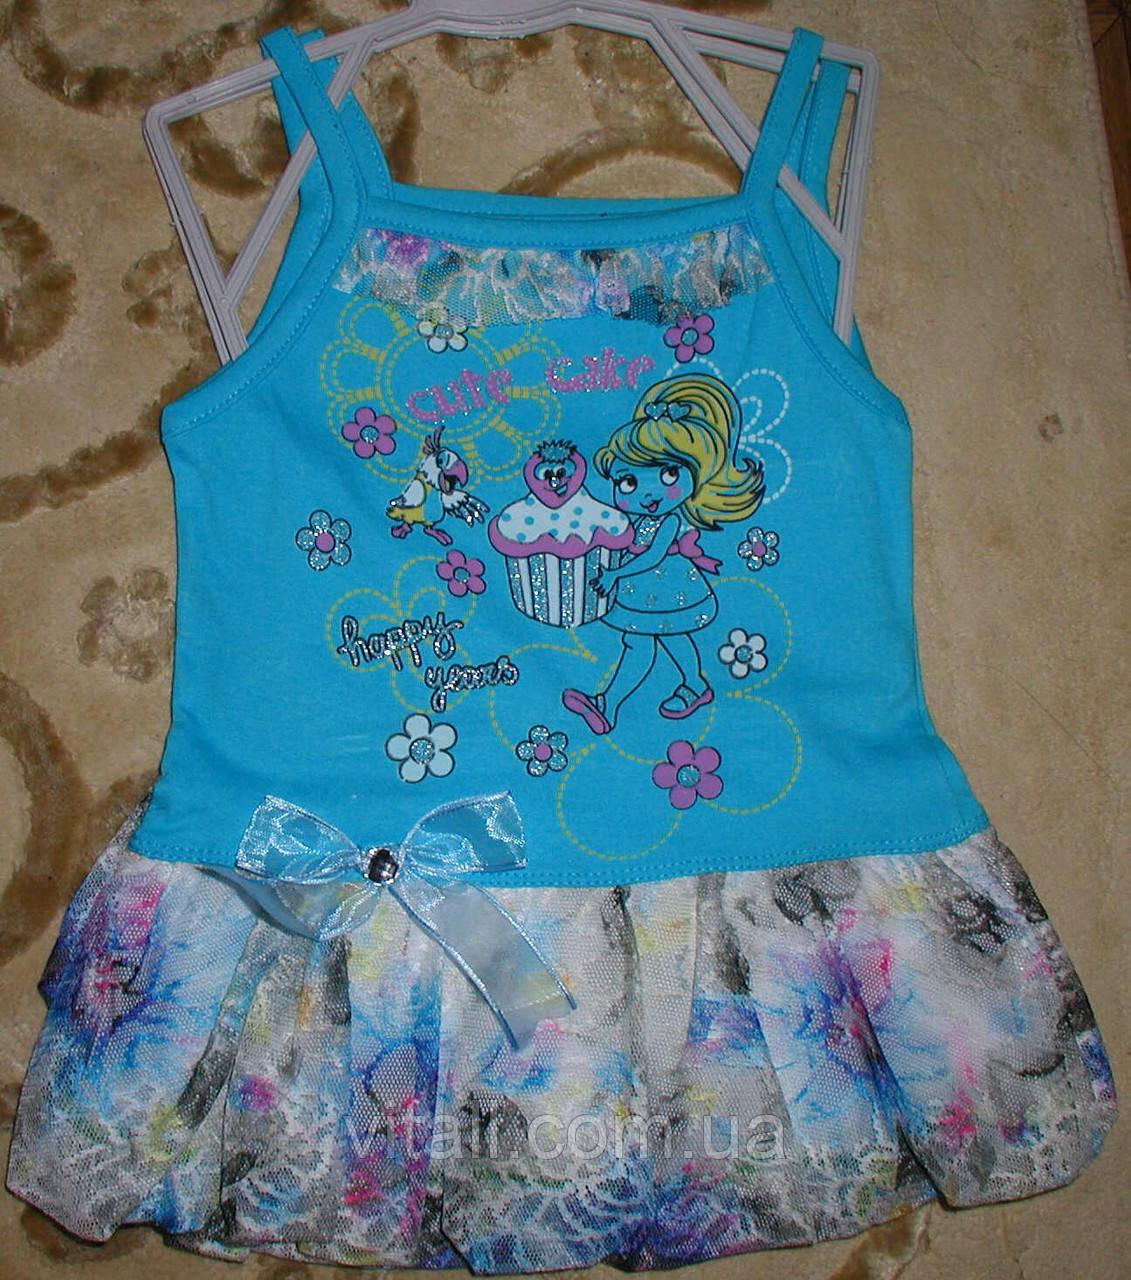 Туника платье гипюровая рюша голубая 1-2 года